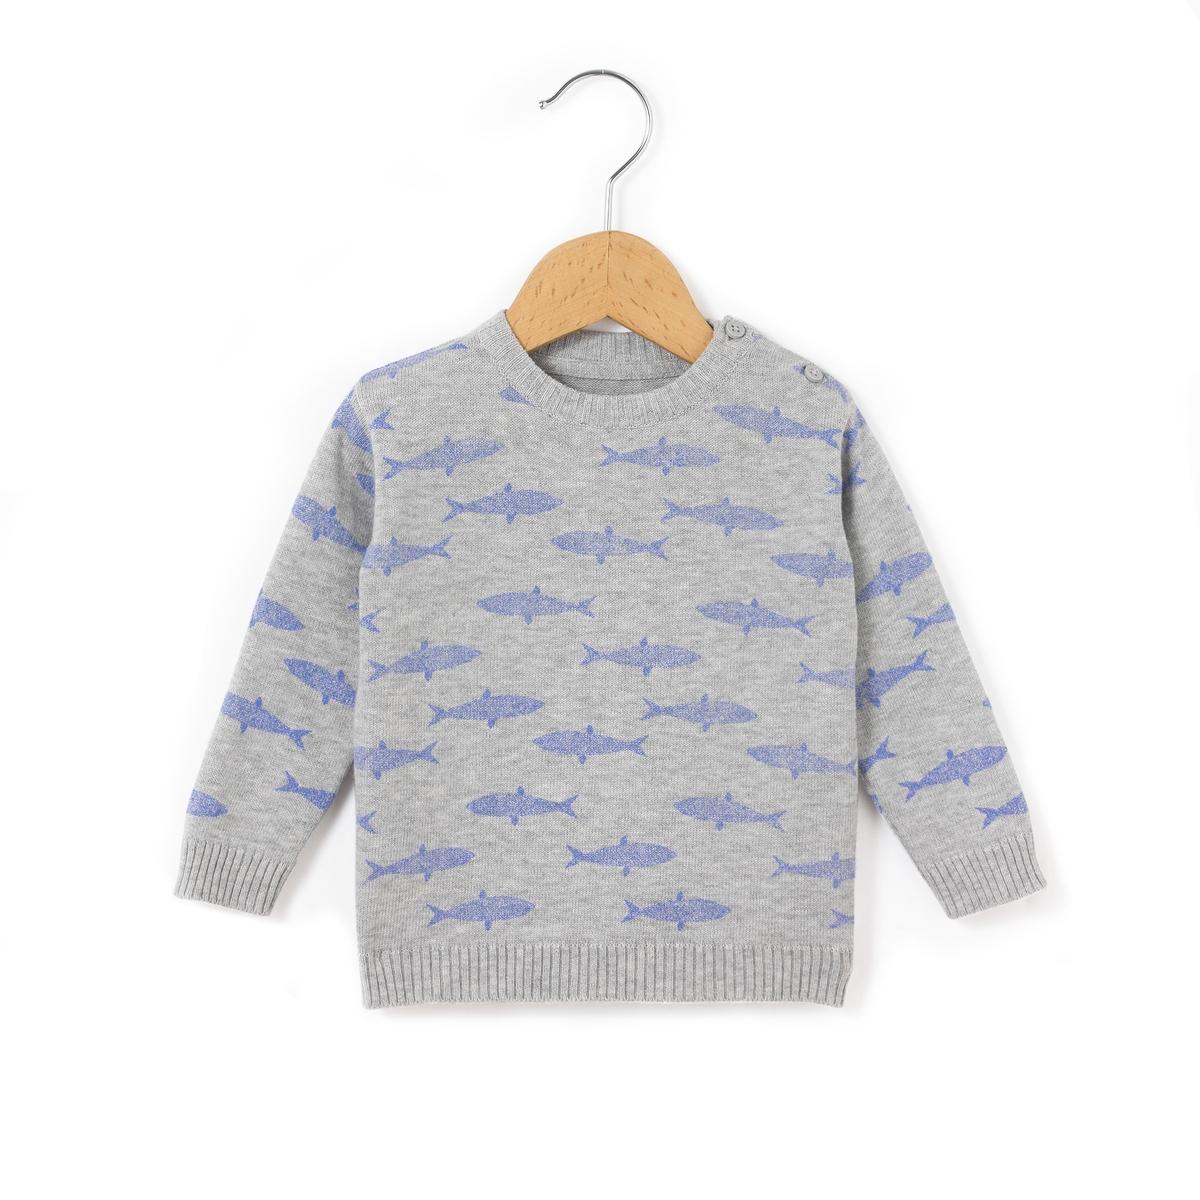 Пуловер с рисунком акулы 1 мес - 3 лет